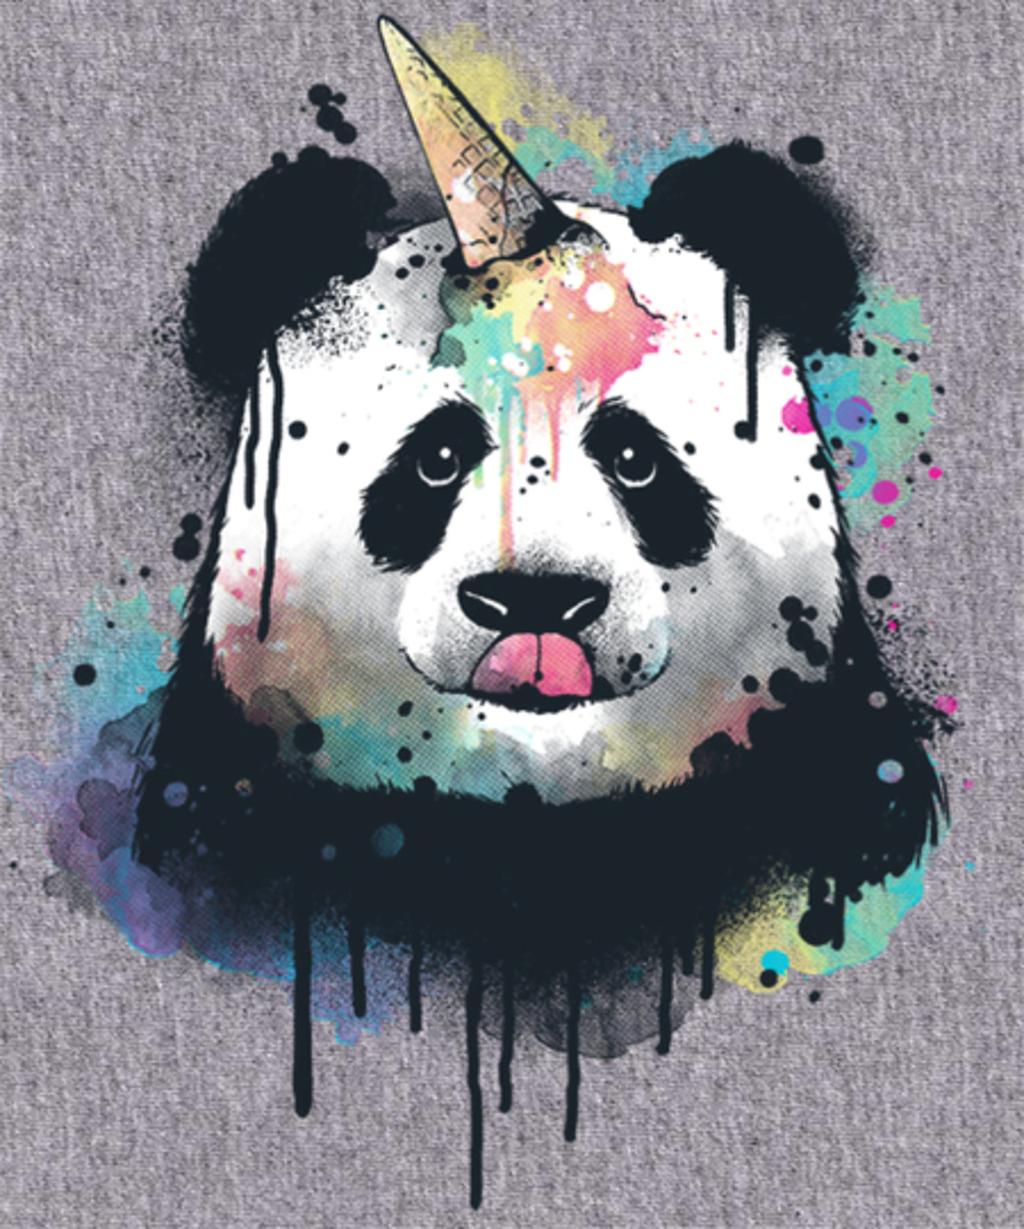 Qwertee: Ice cream pandacorn